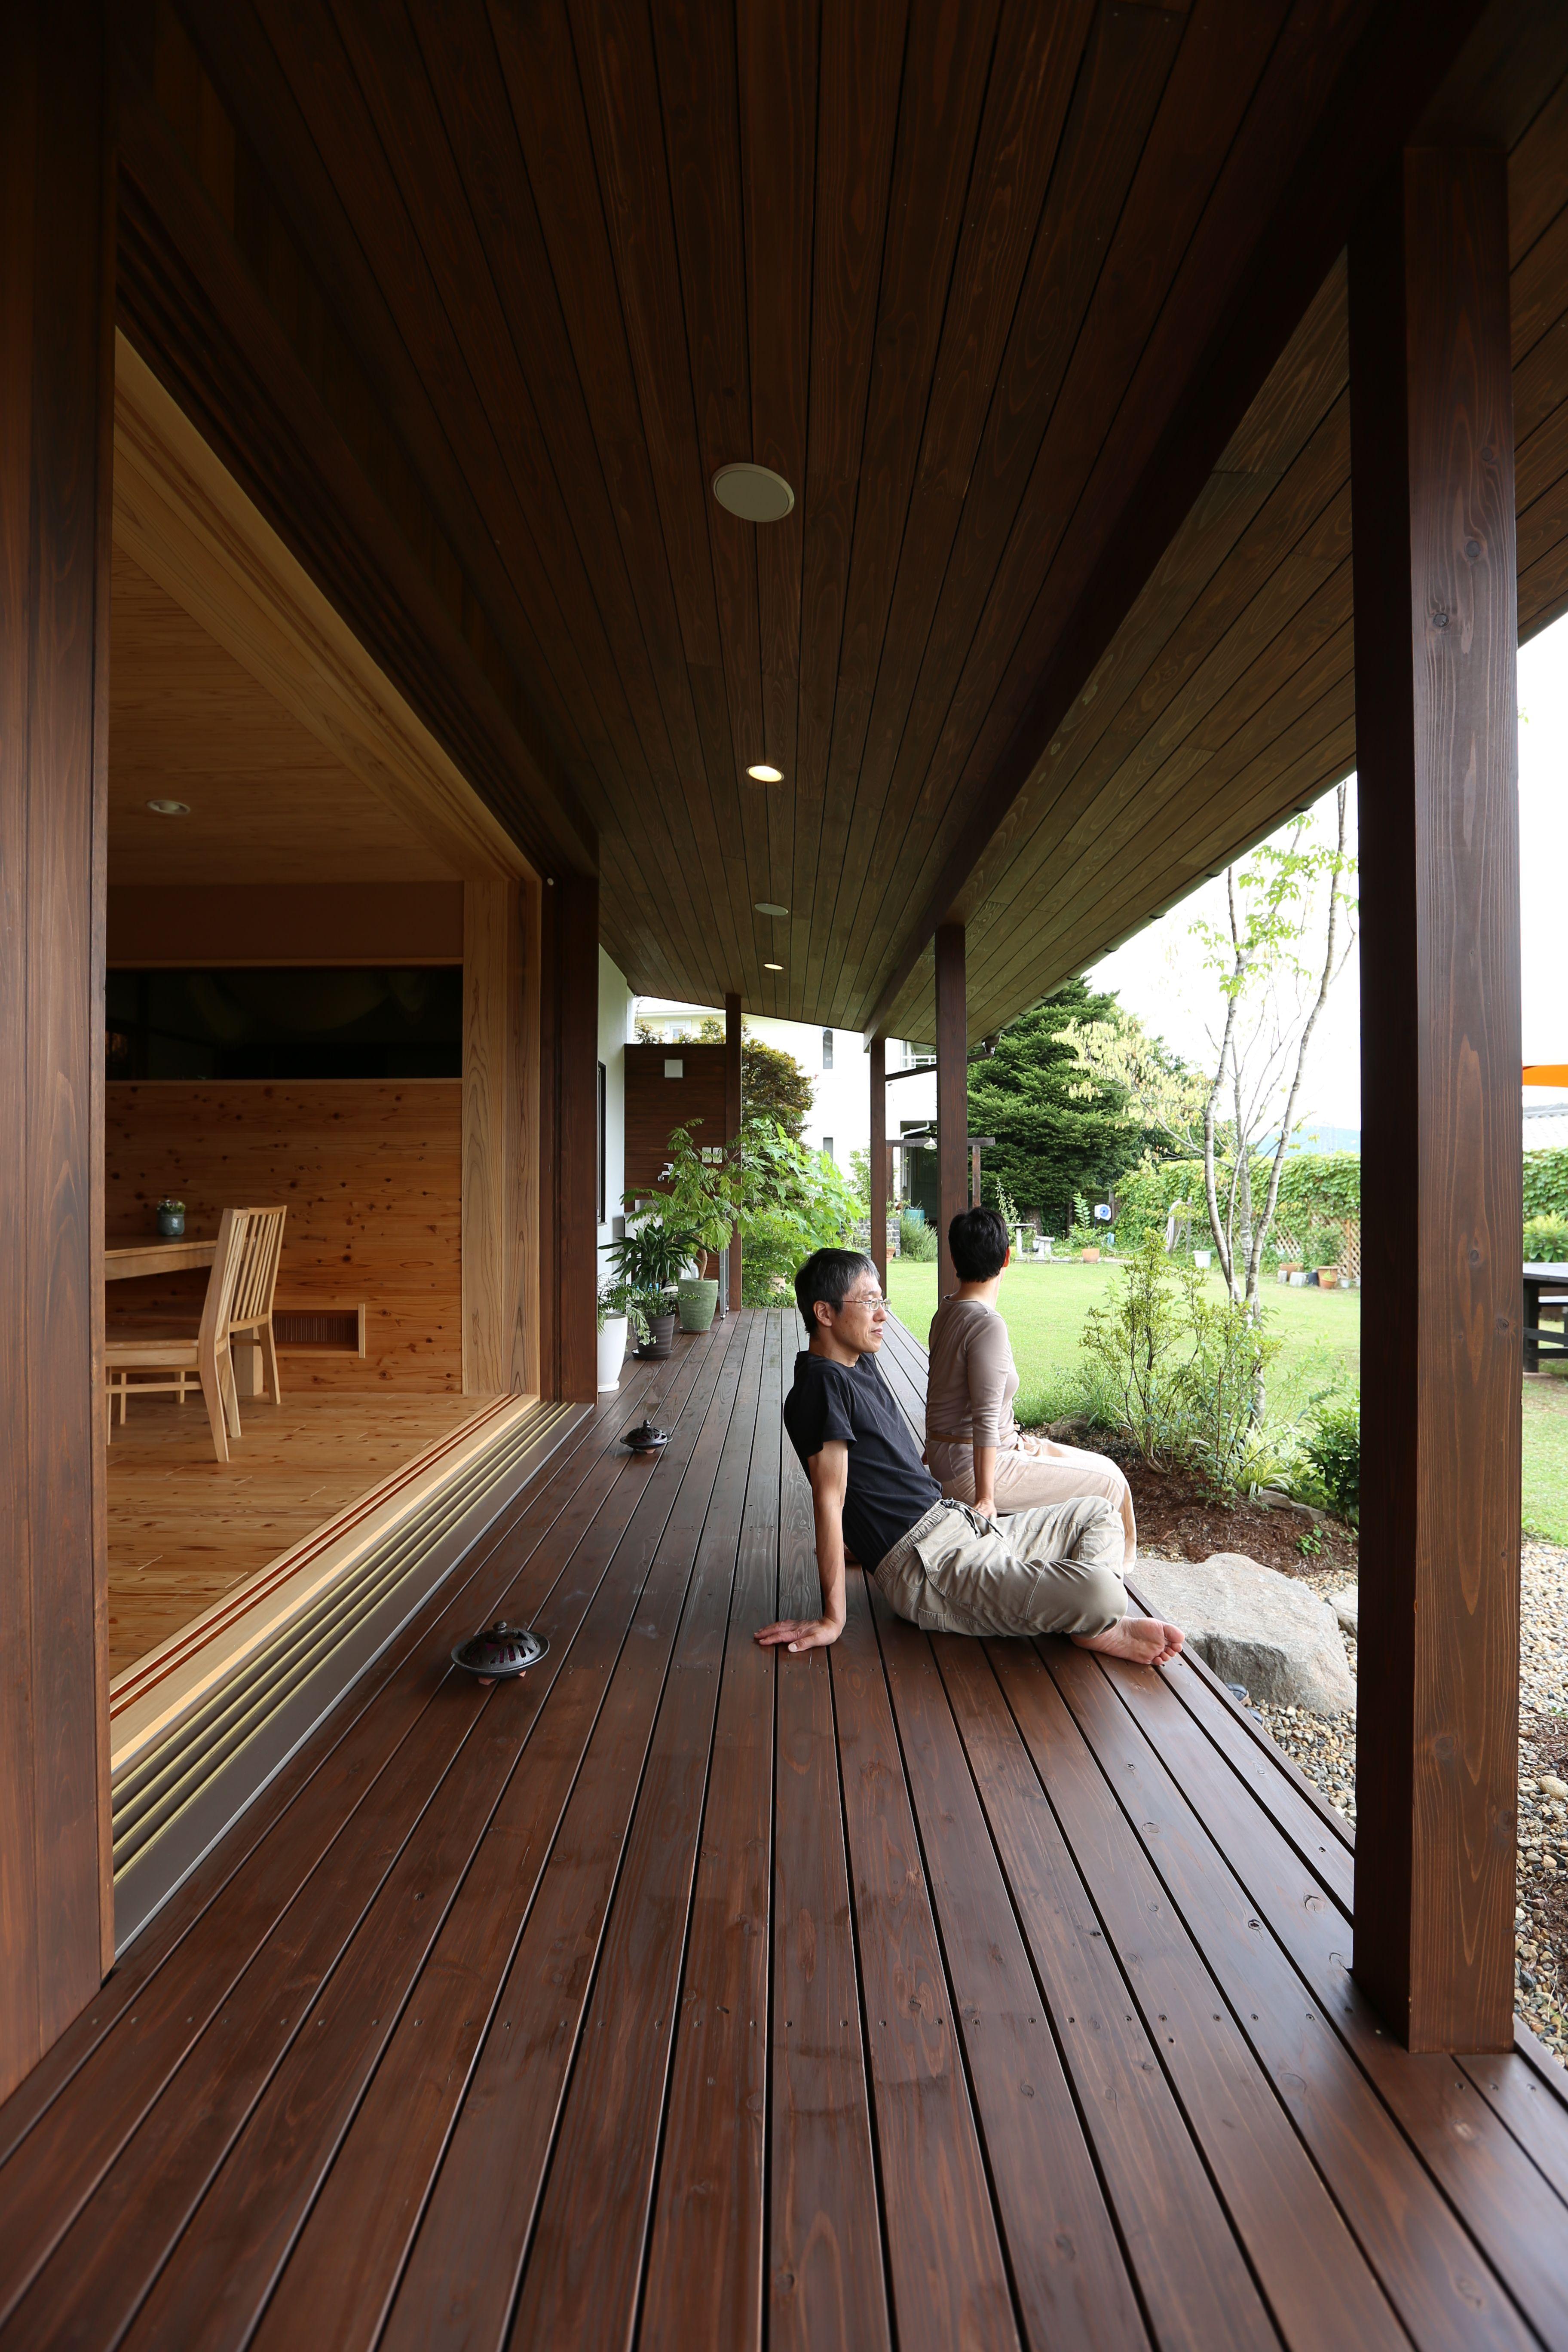 築50年 三田市 H様邸 縁側のある家 ハウスデザイン 家 外観